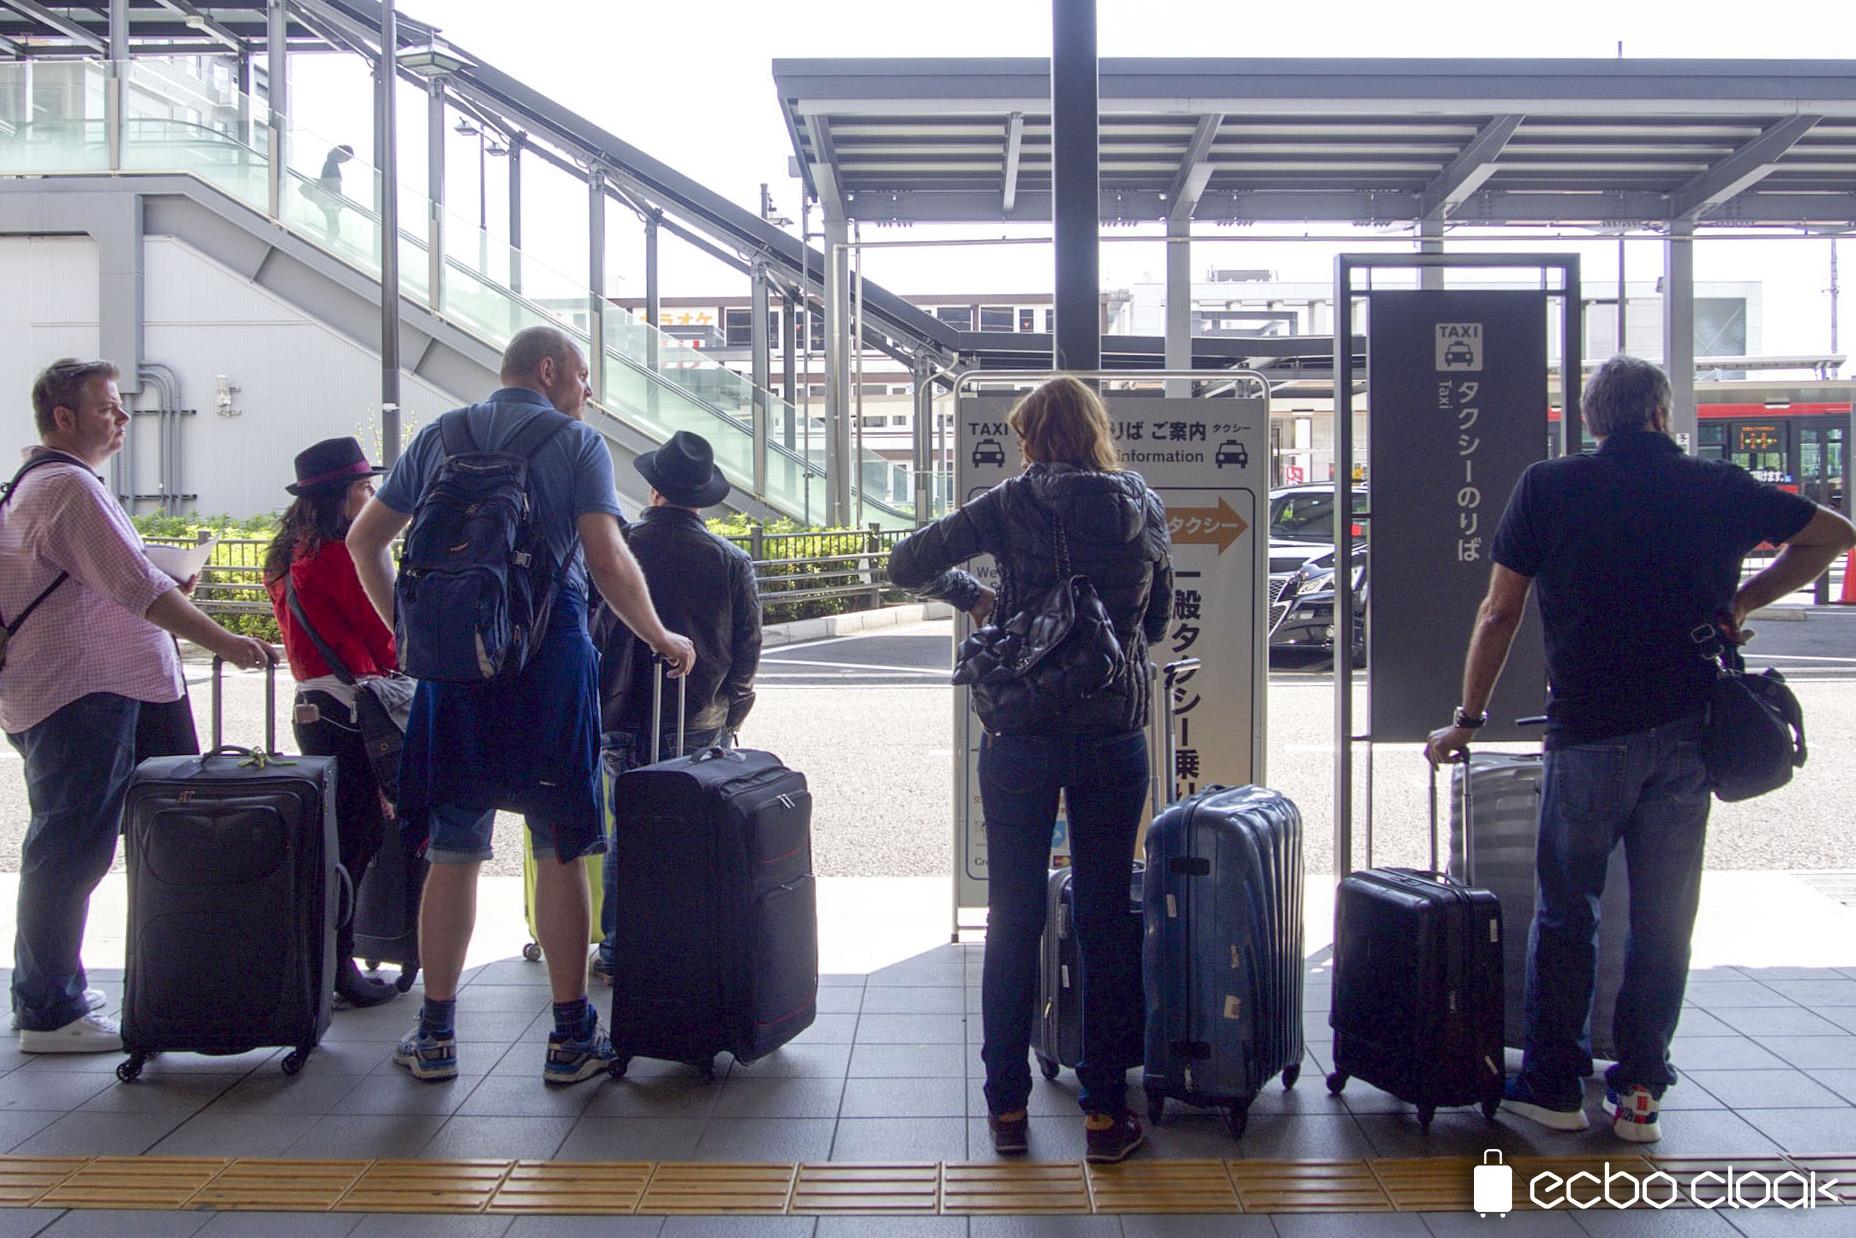 【オーナー様向け】どんな人が荷物を預けに来るの?ecbo cloakユーザー層を解説!